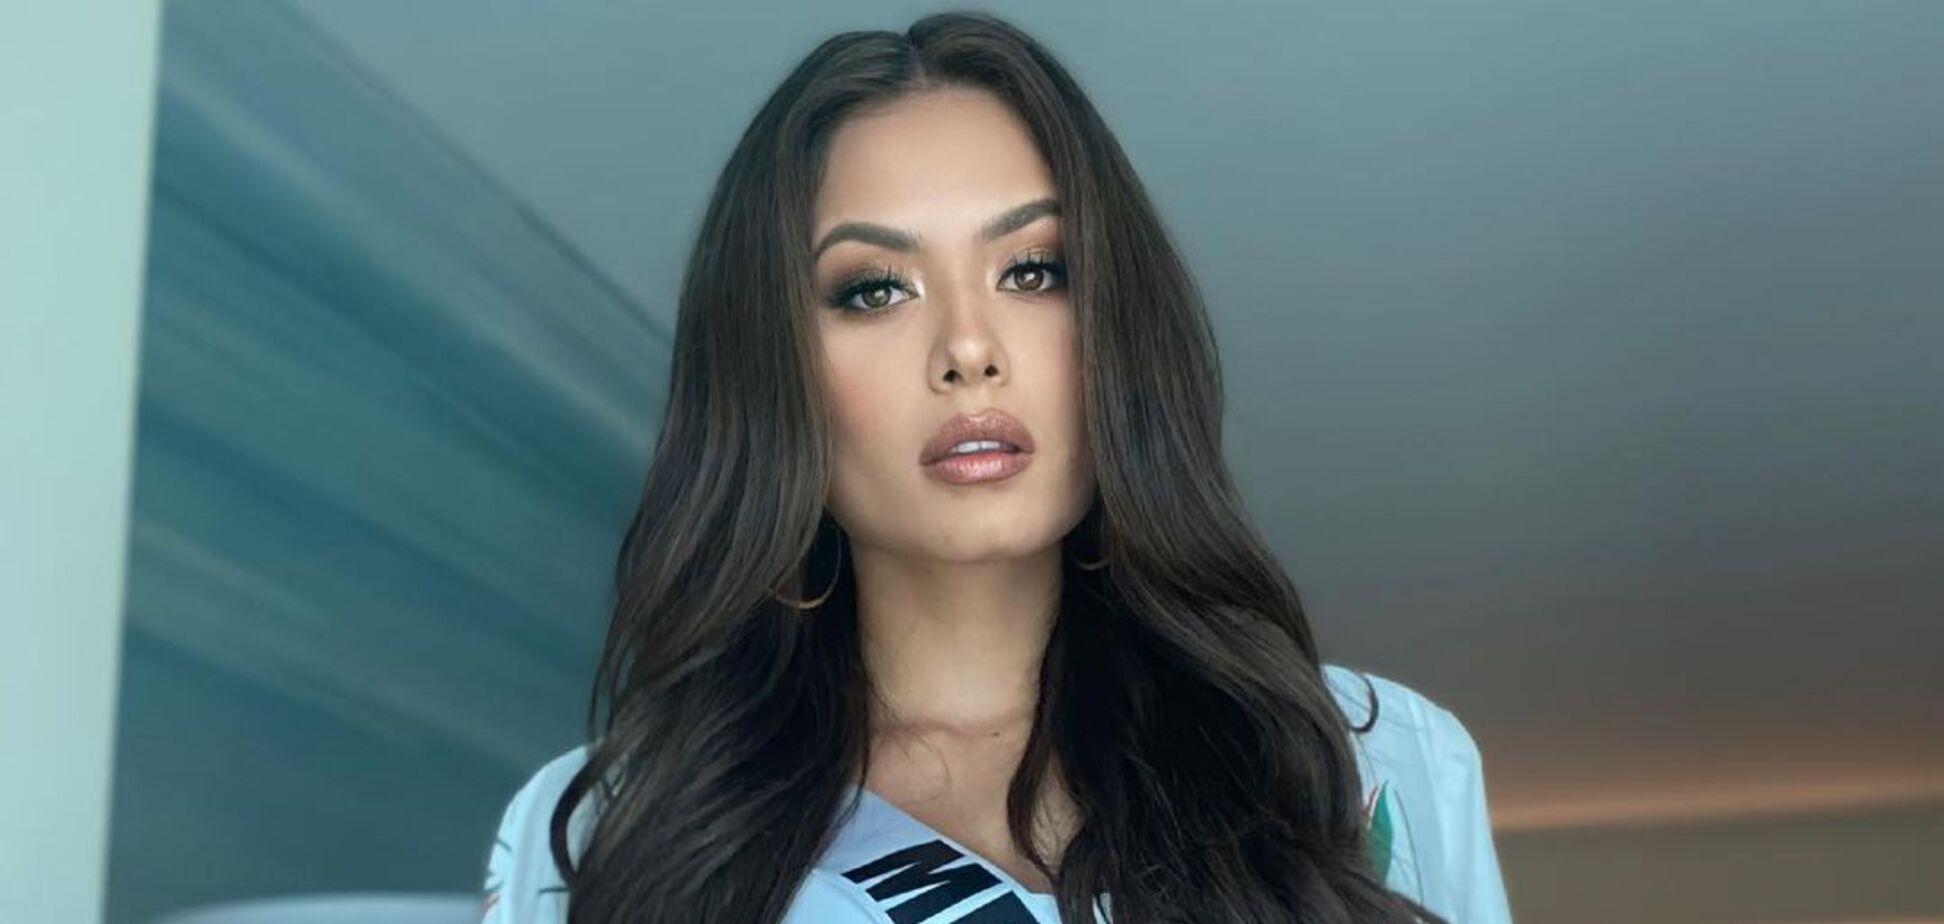 'Мисс Вселенная-2021': названа победительница конкурса красоты. Фото и видео